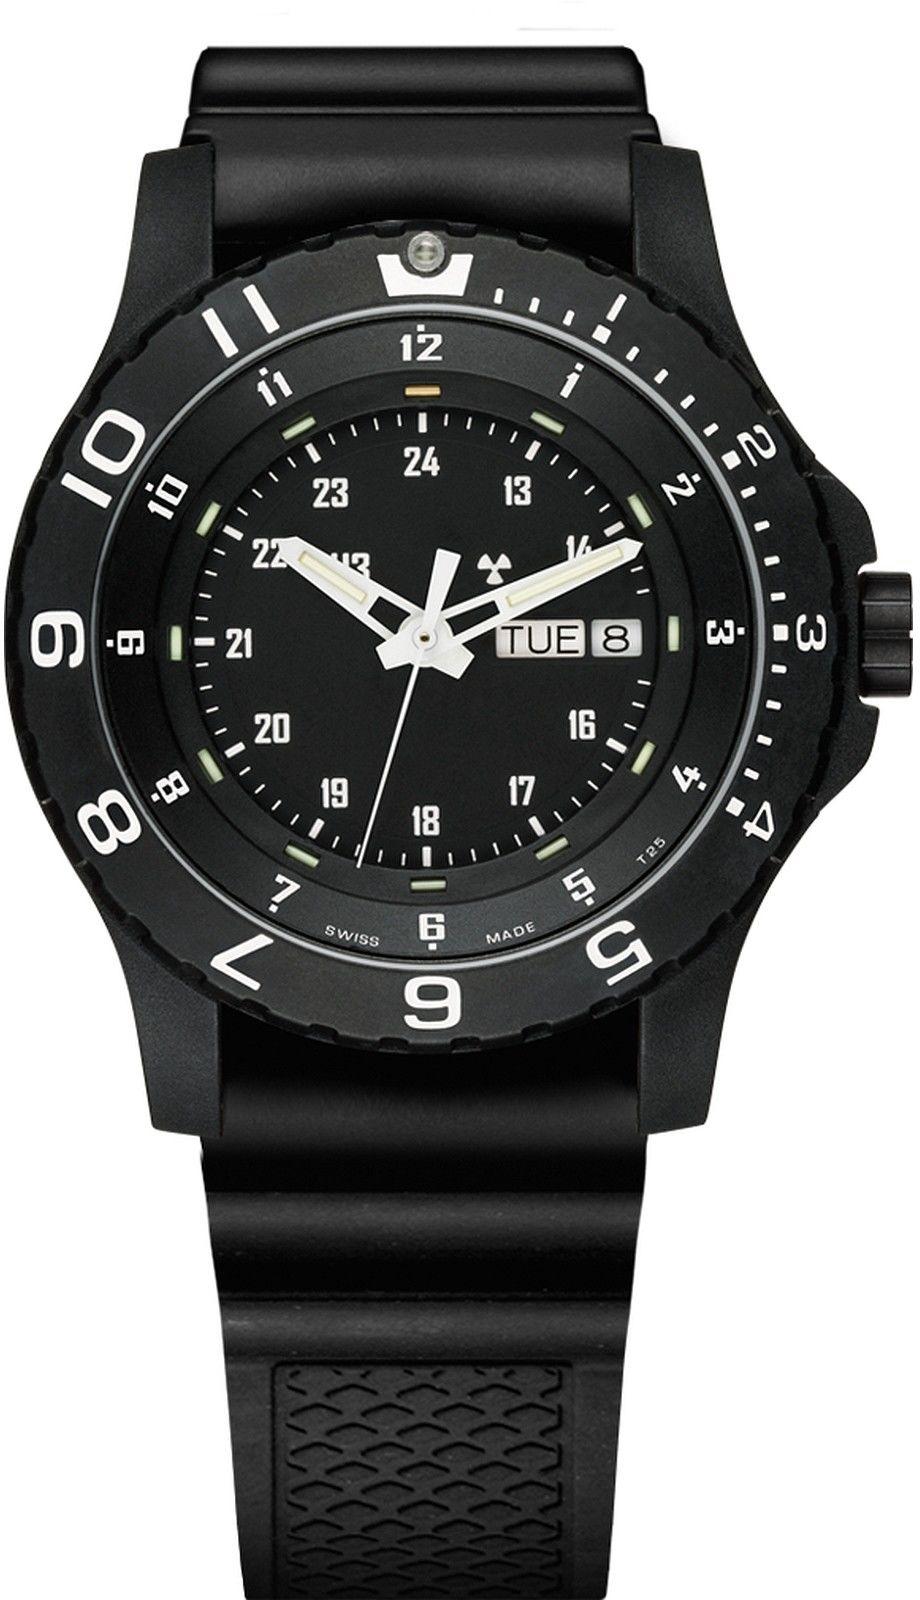 Zegarek Traser TS-100376 P66 TYPE 6 MIL-G - CENA DO NEGOCJACJI - DOSTAWA DHL GRATIS, KUPUJ BEZ RYZYKA - 100 dni na zwrot, możliwość wygrawerowania dowolnego tekstu.